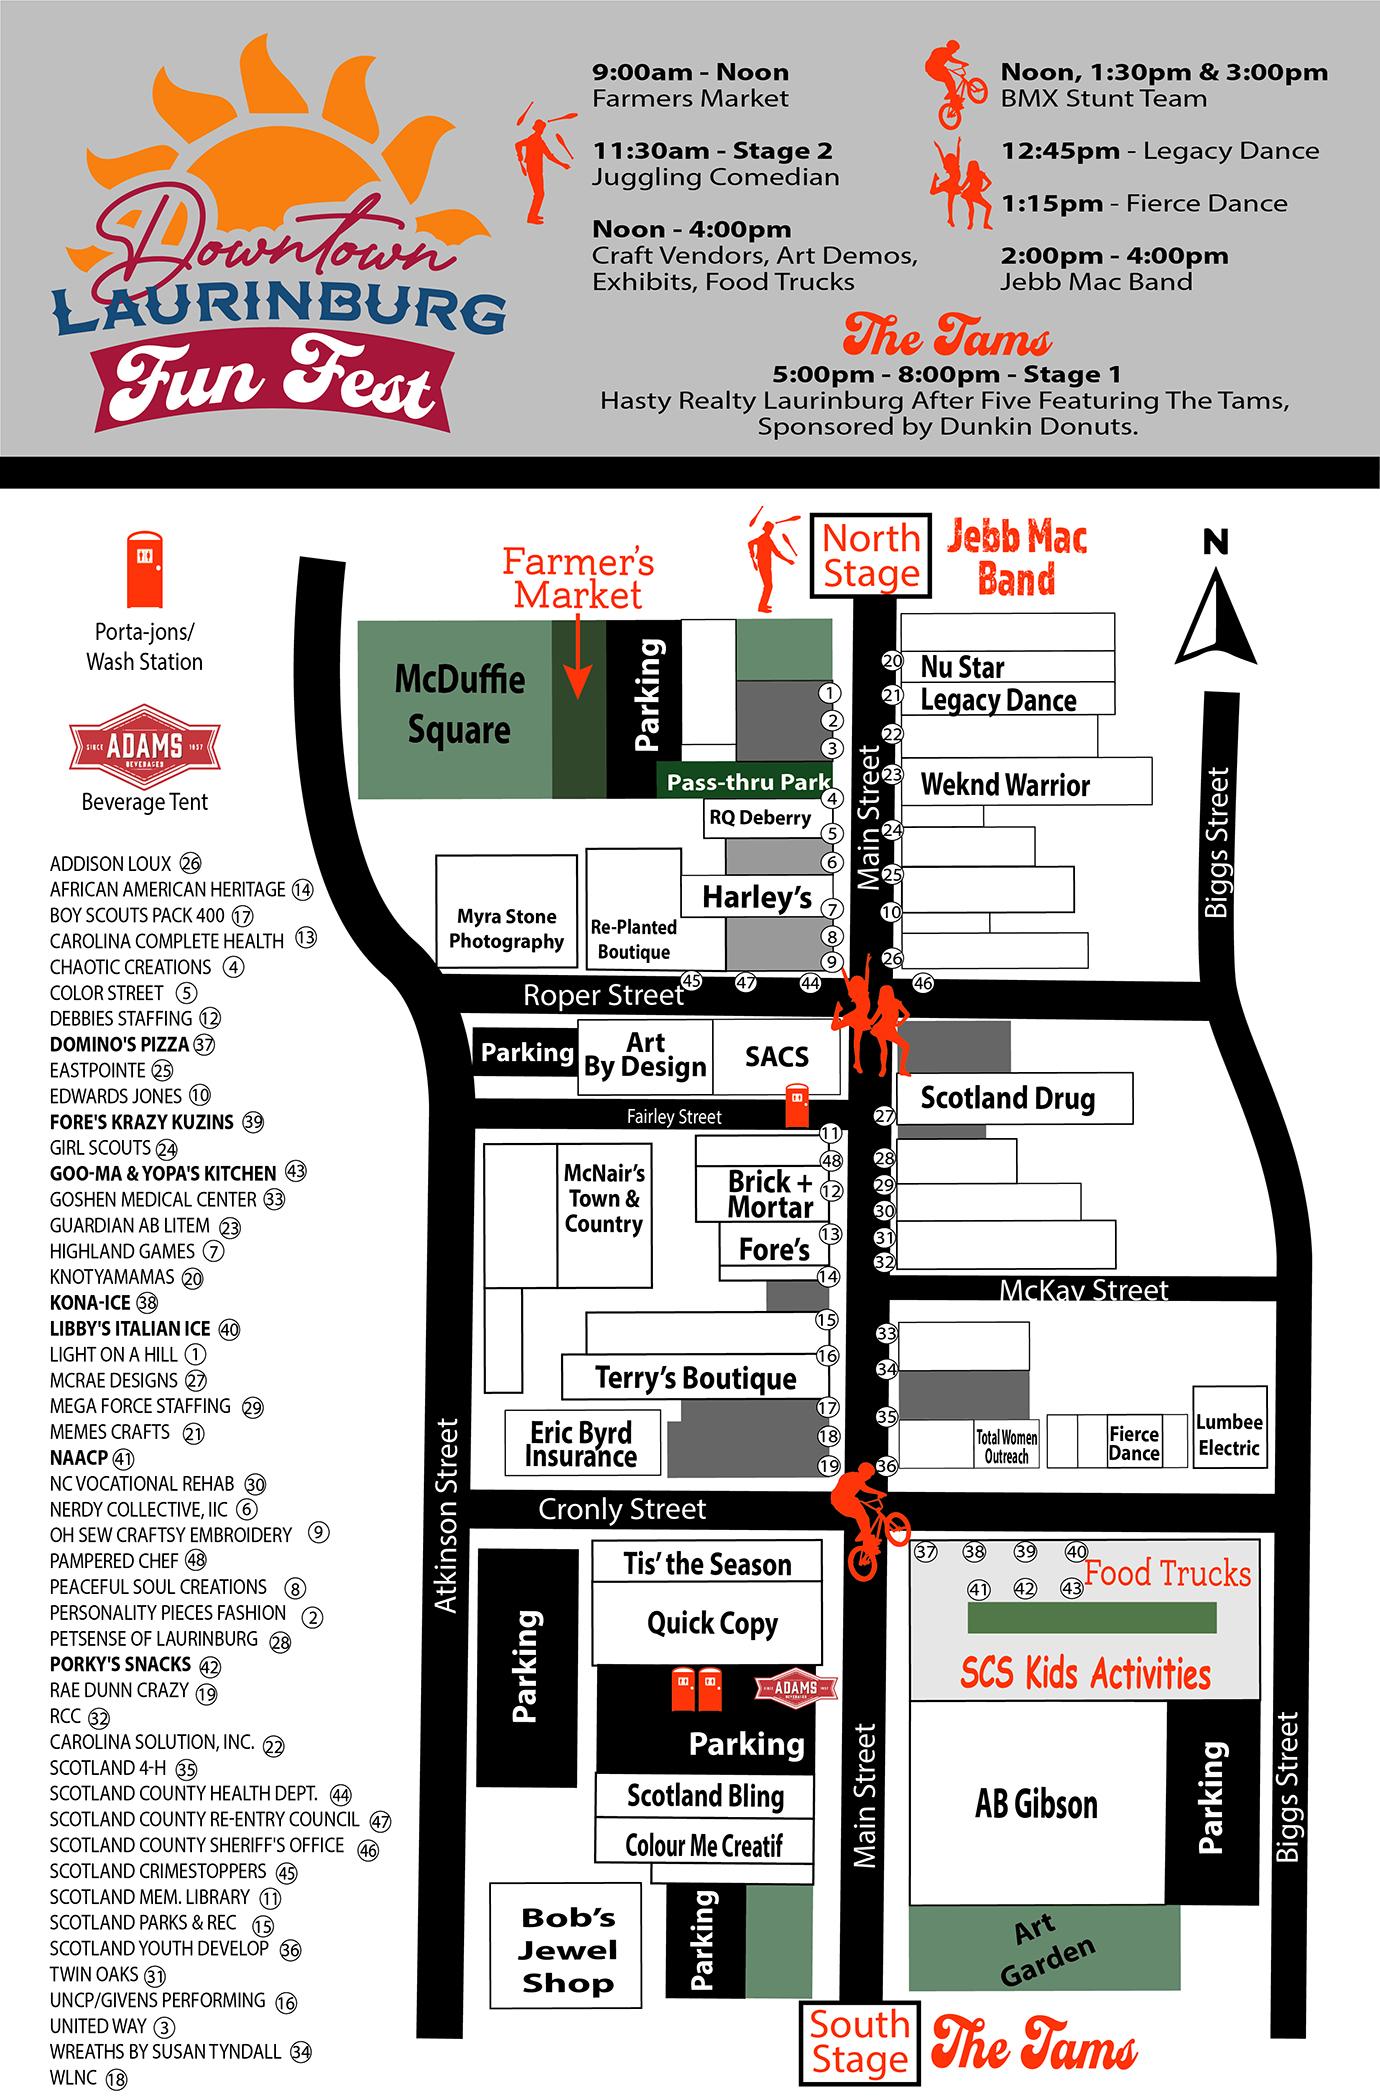 FUN FEST SCHEDULE & MAP